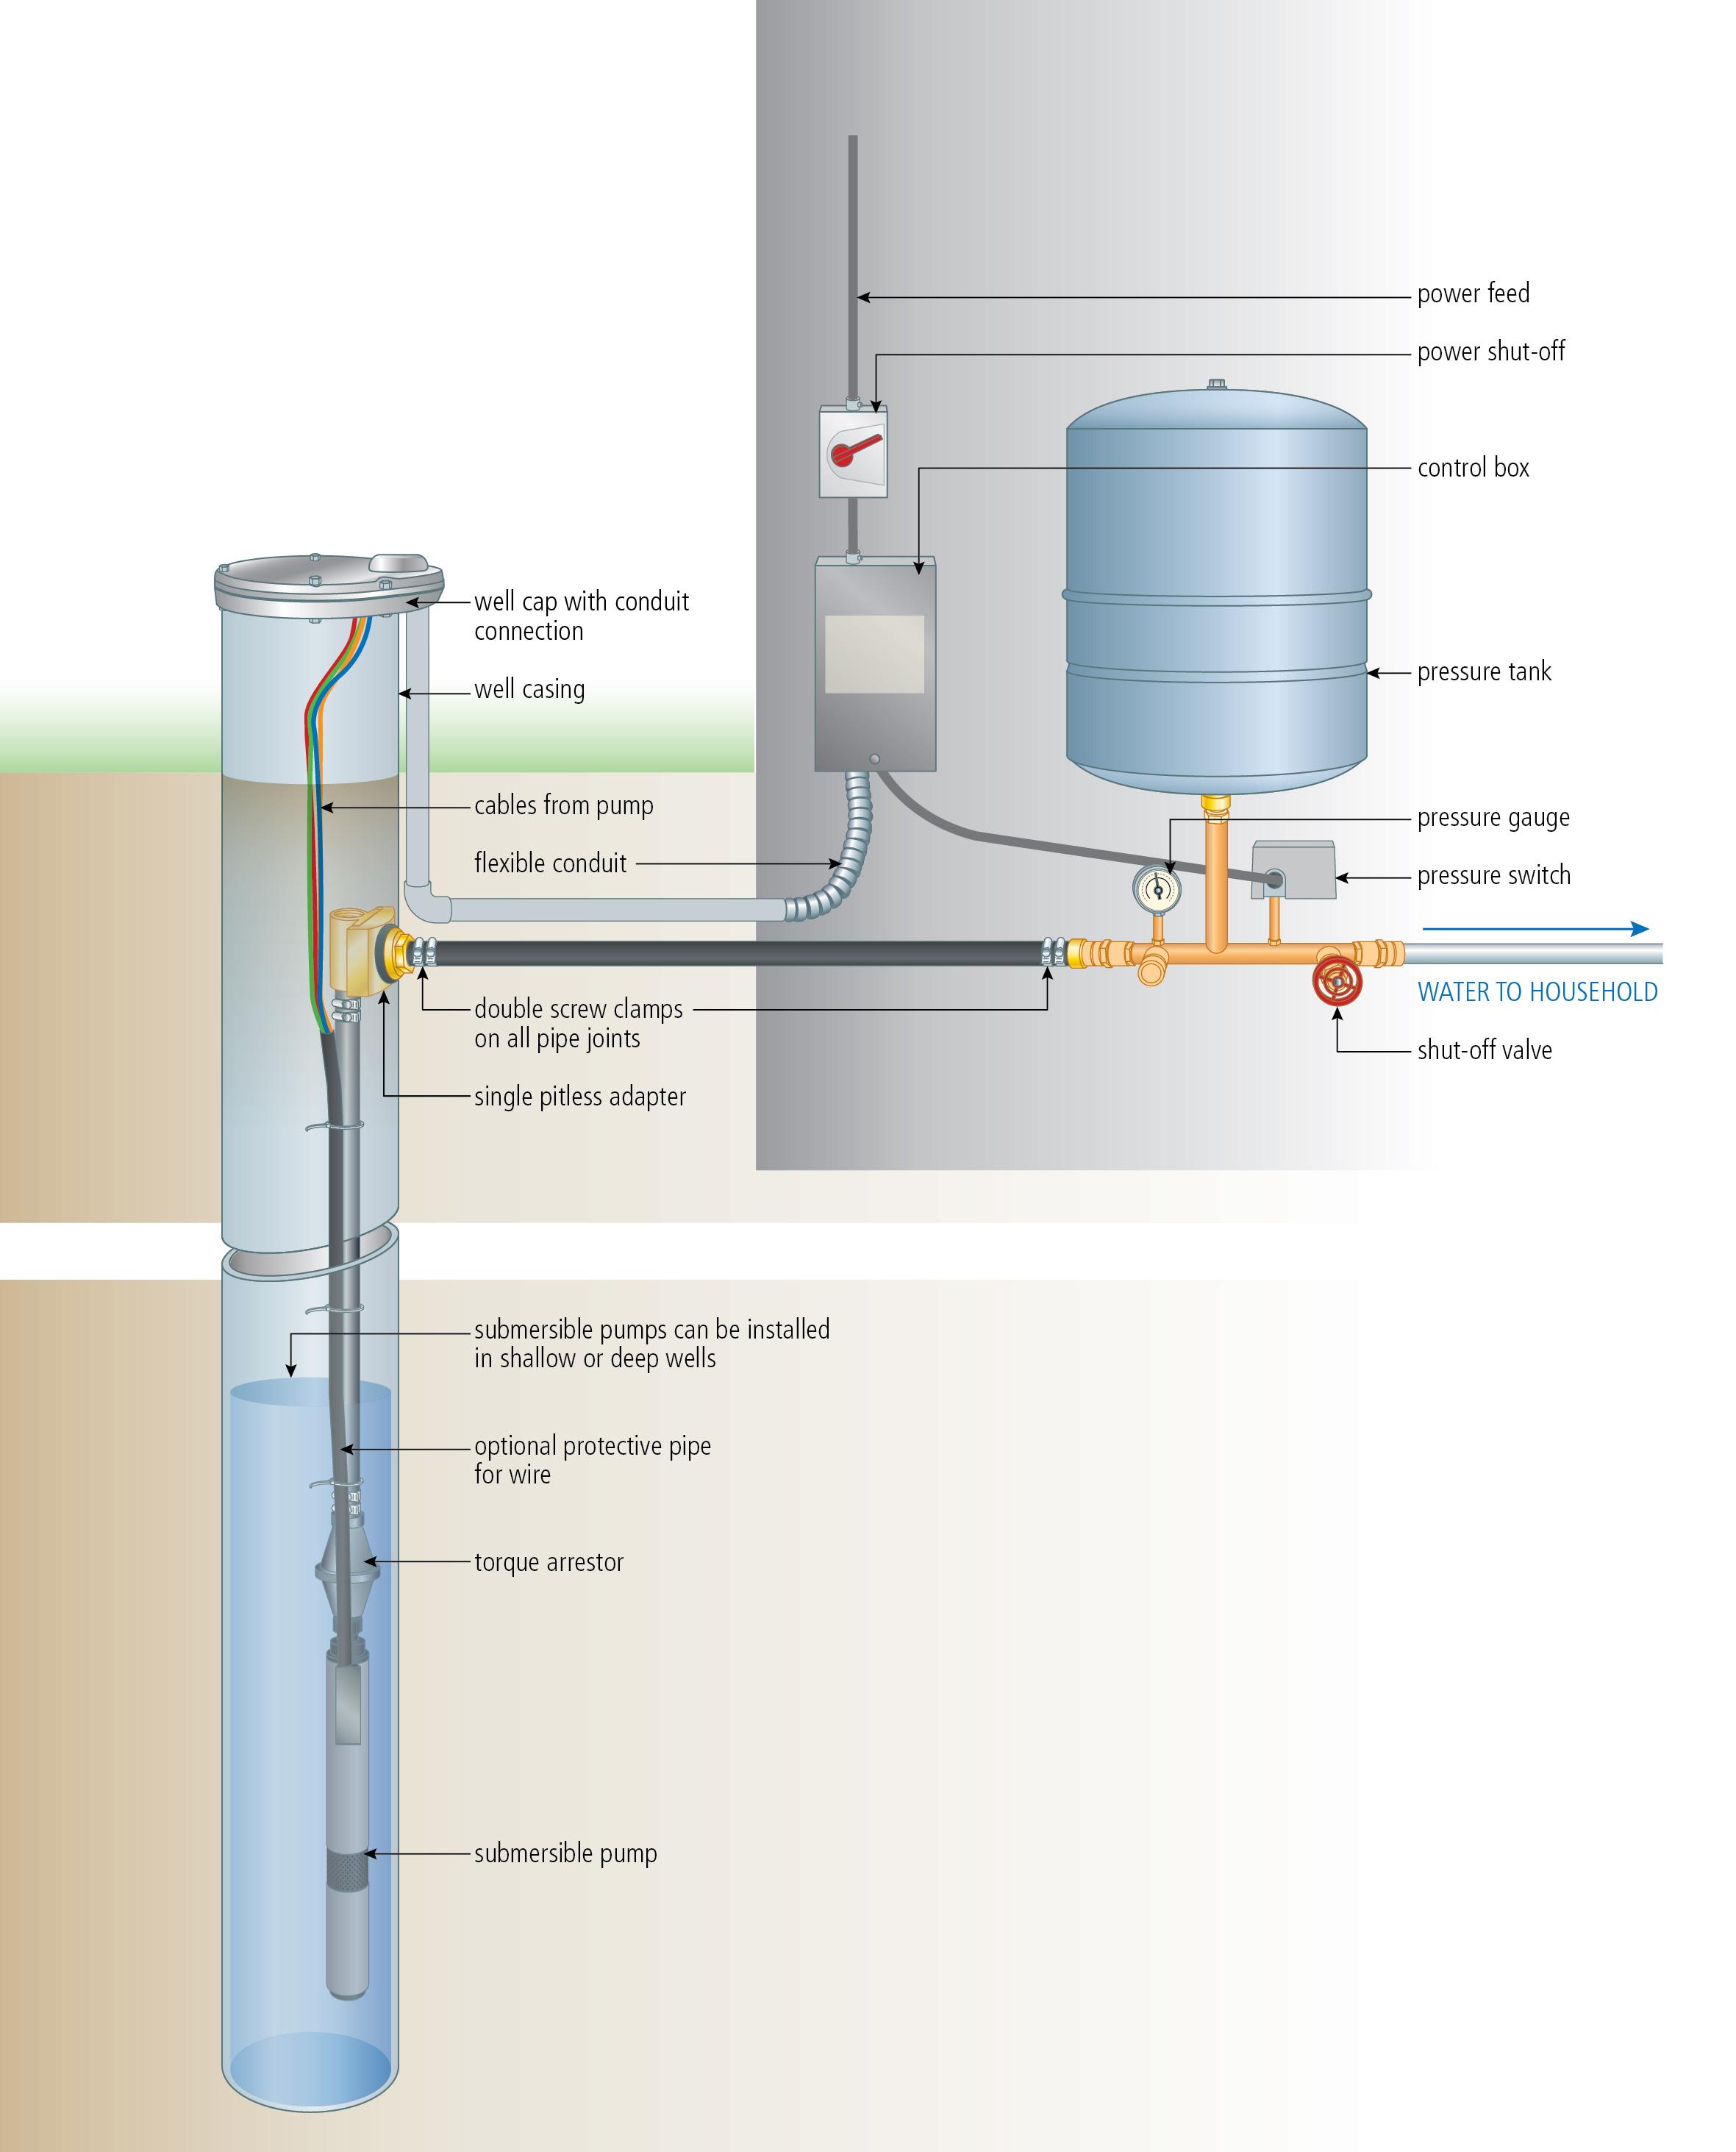 florida heat pump wiring diagram image 5